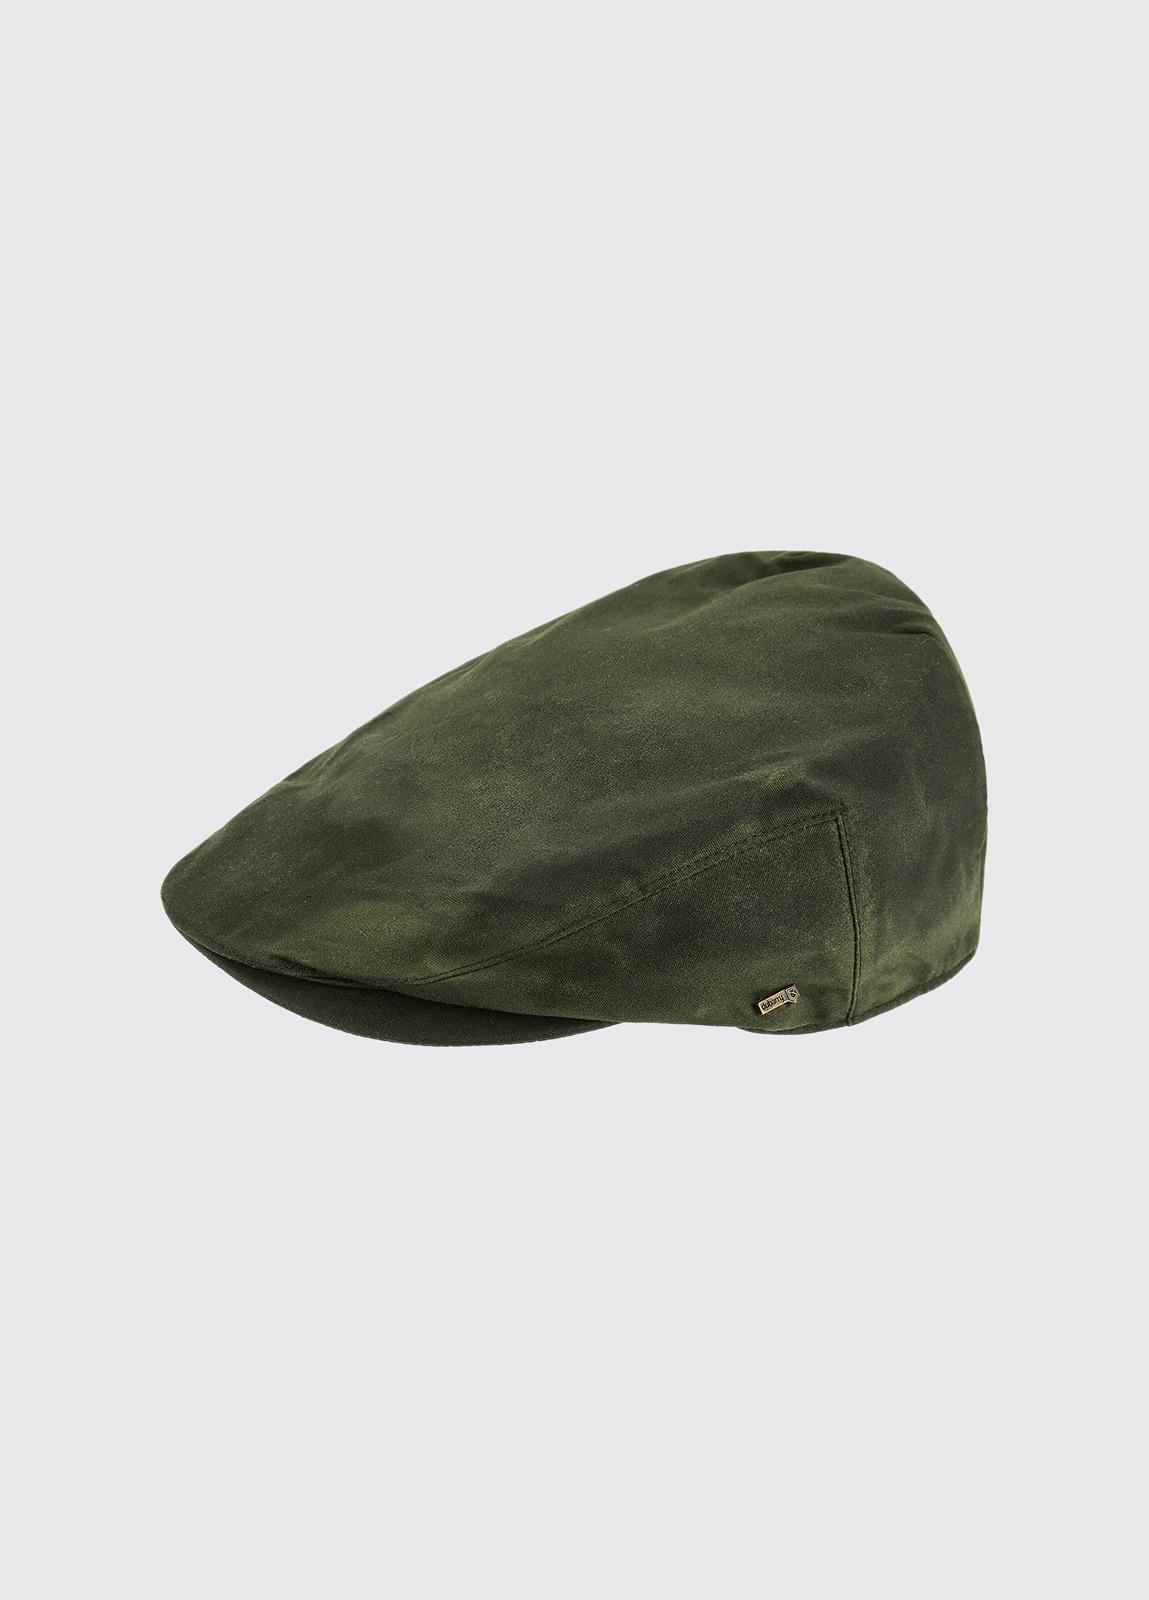 Fitzpatrick Flat Cap - Olive